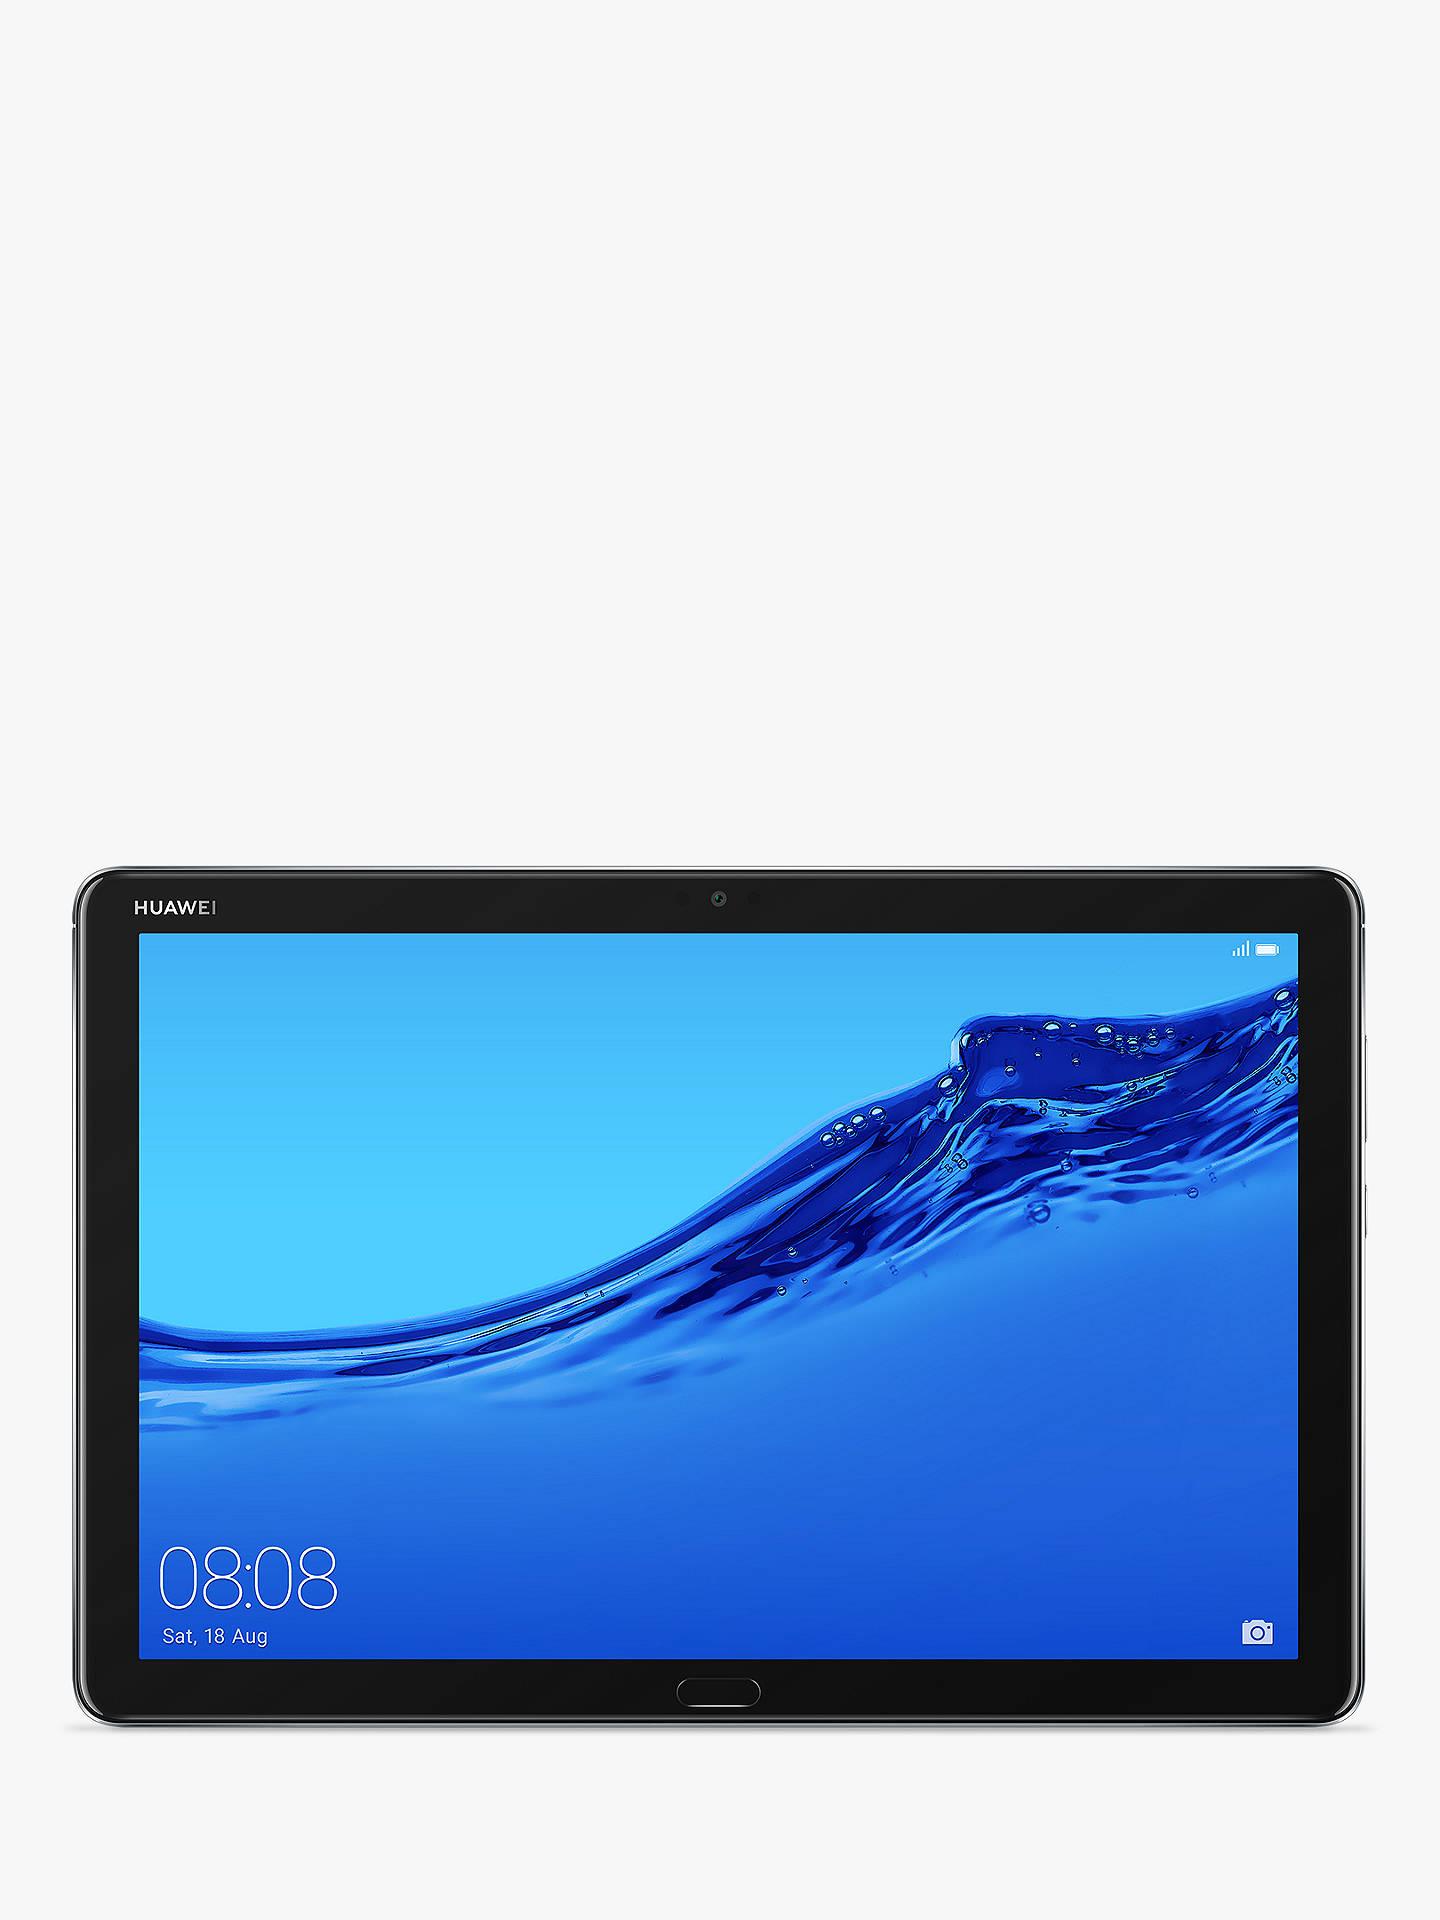 42abf4ce4b8 Huawei MediaPad M5 lite 10 Tablet, Android, Kirin 659, 3GB RAM, 32GB ...